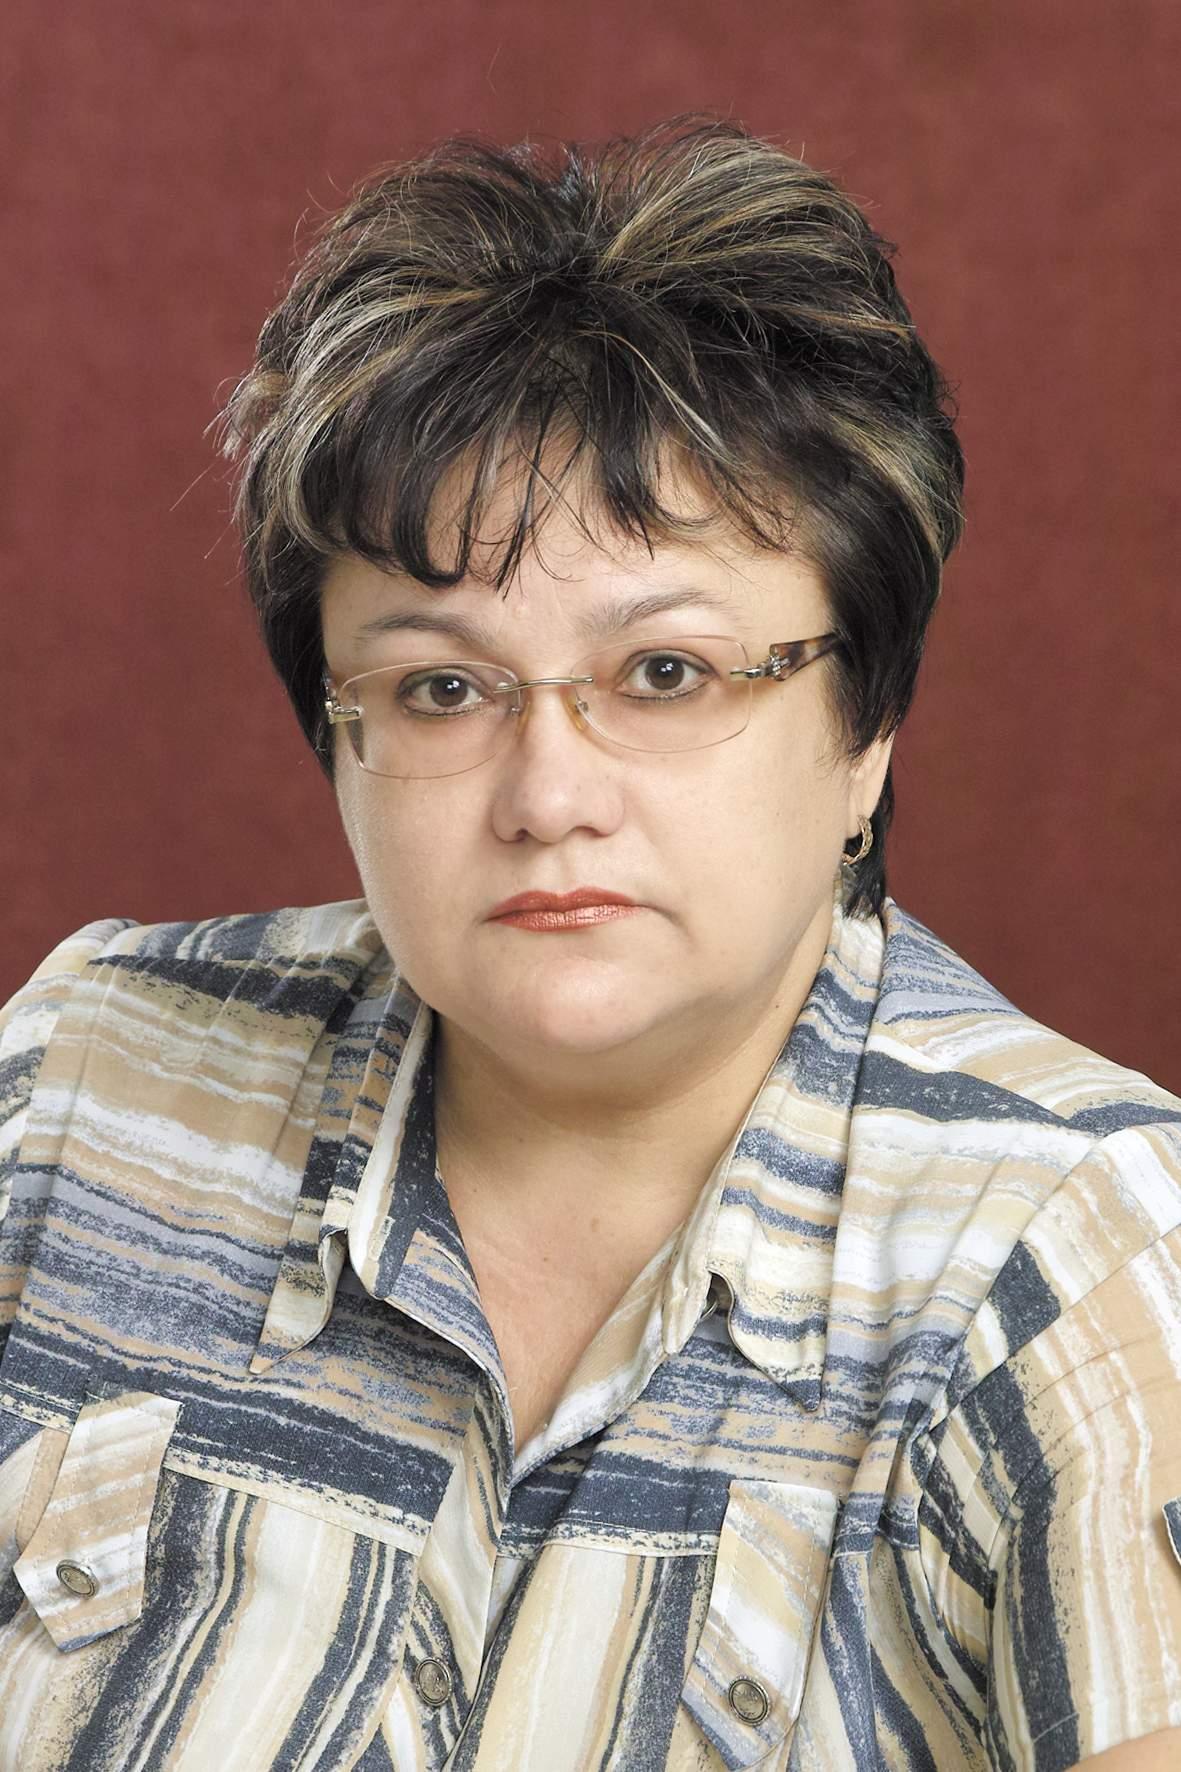 marchenko